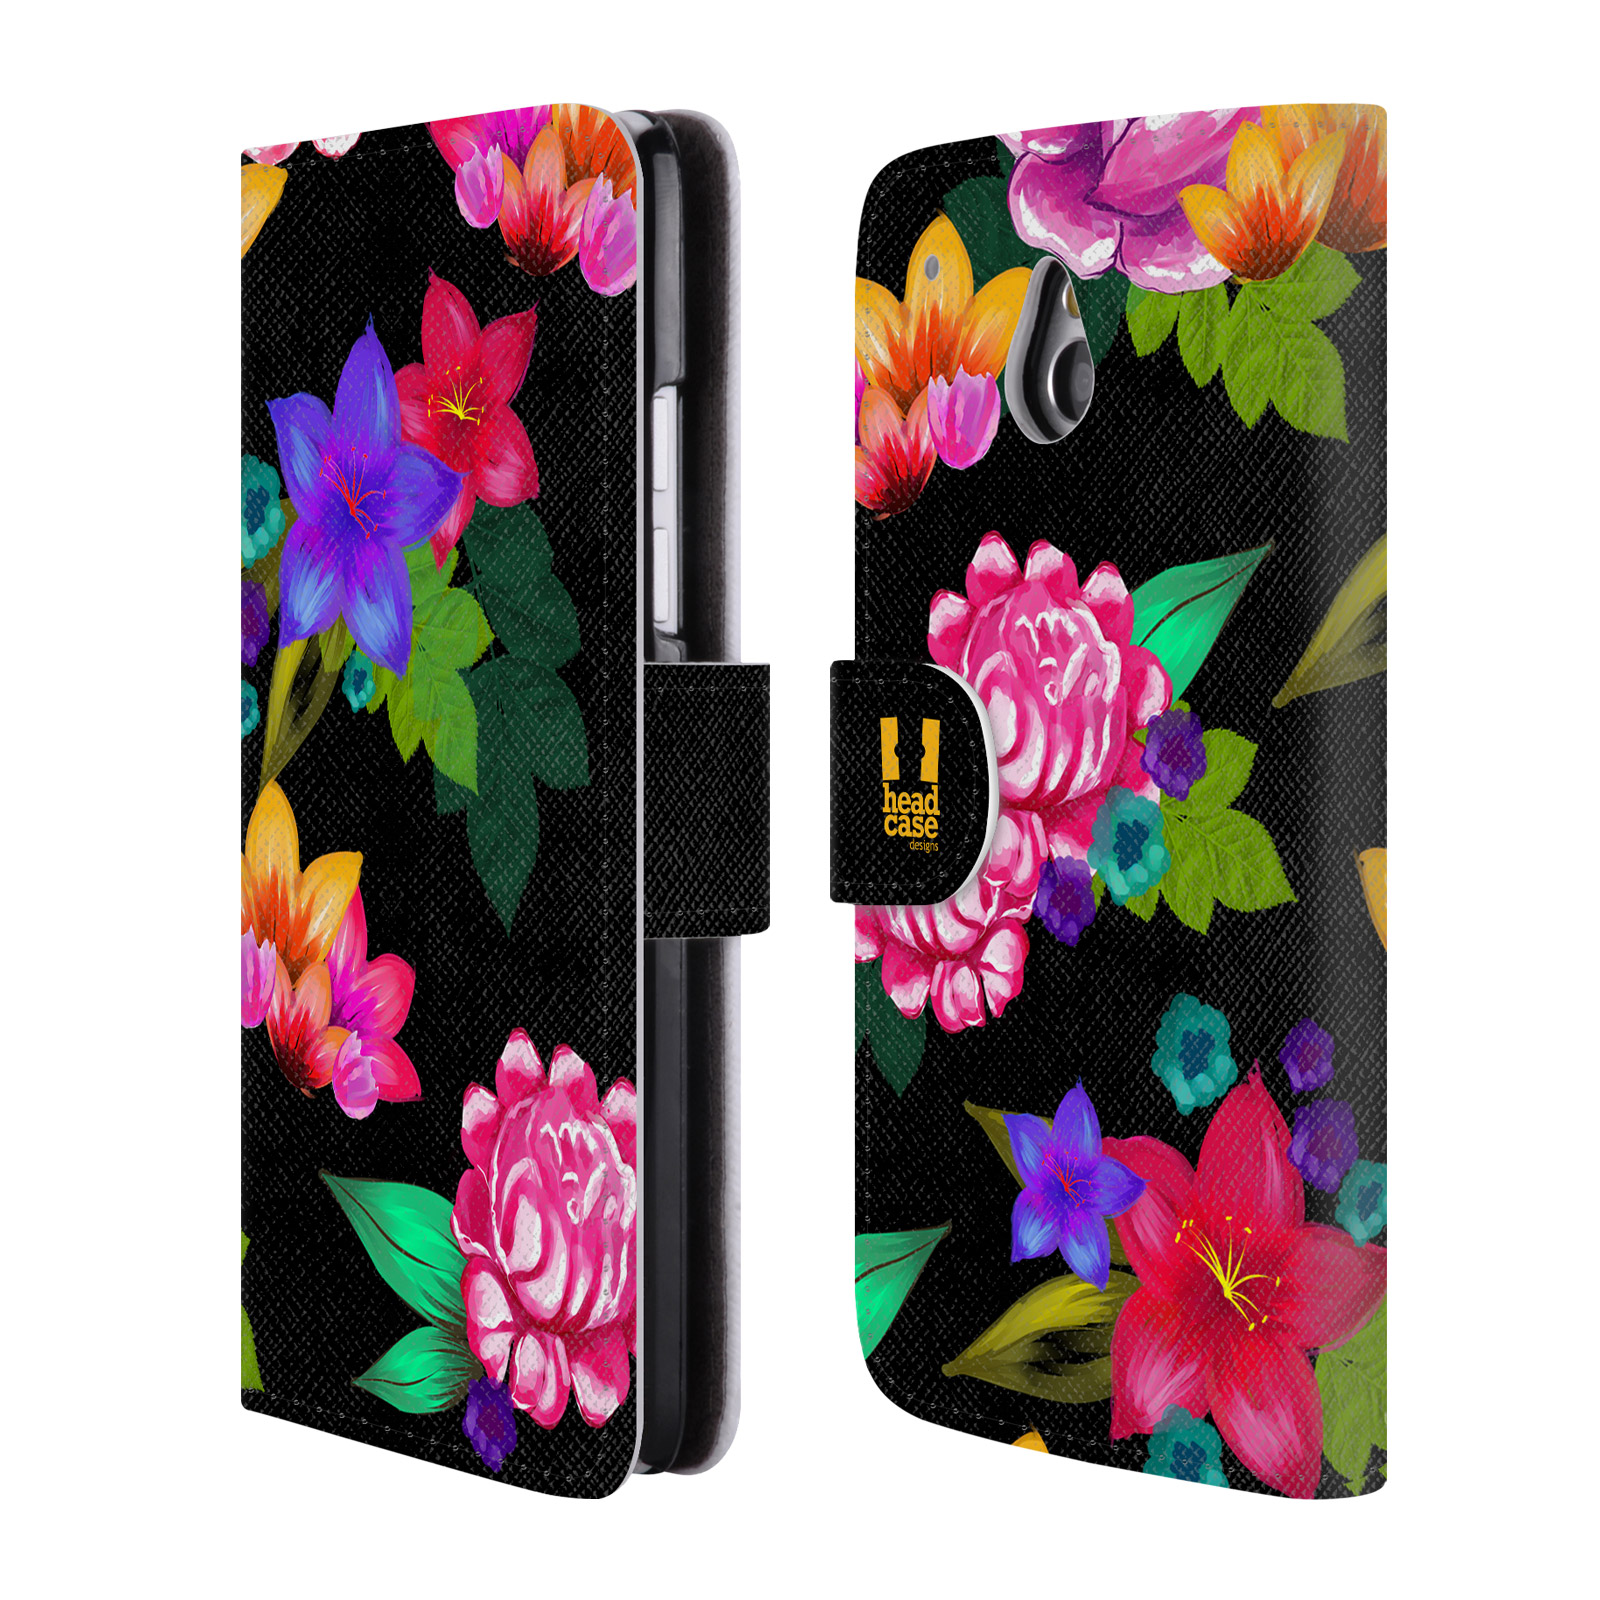 HEAD CASE Flipové pouzdro pro mobil HTC ONE MINI (M4) barevné kreslené květiny černá